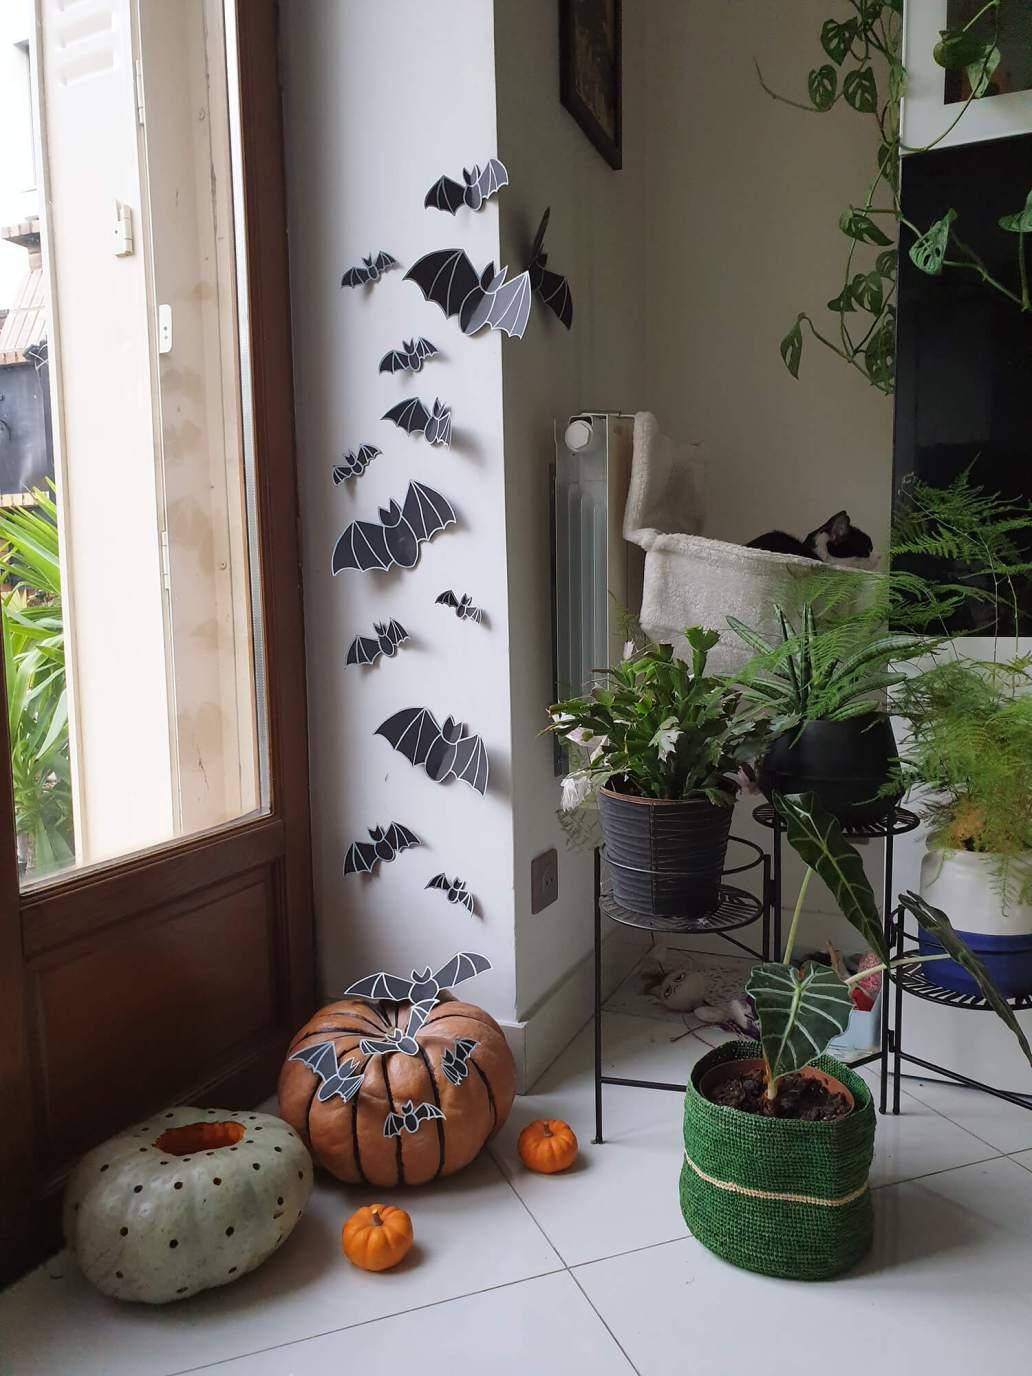 20201012 175012 - Comment décorer la citrouille d'Halloween avec originalité